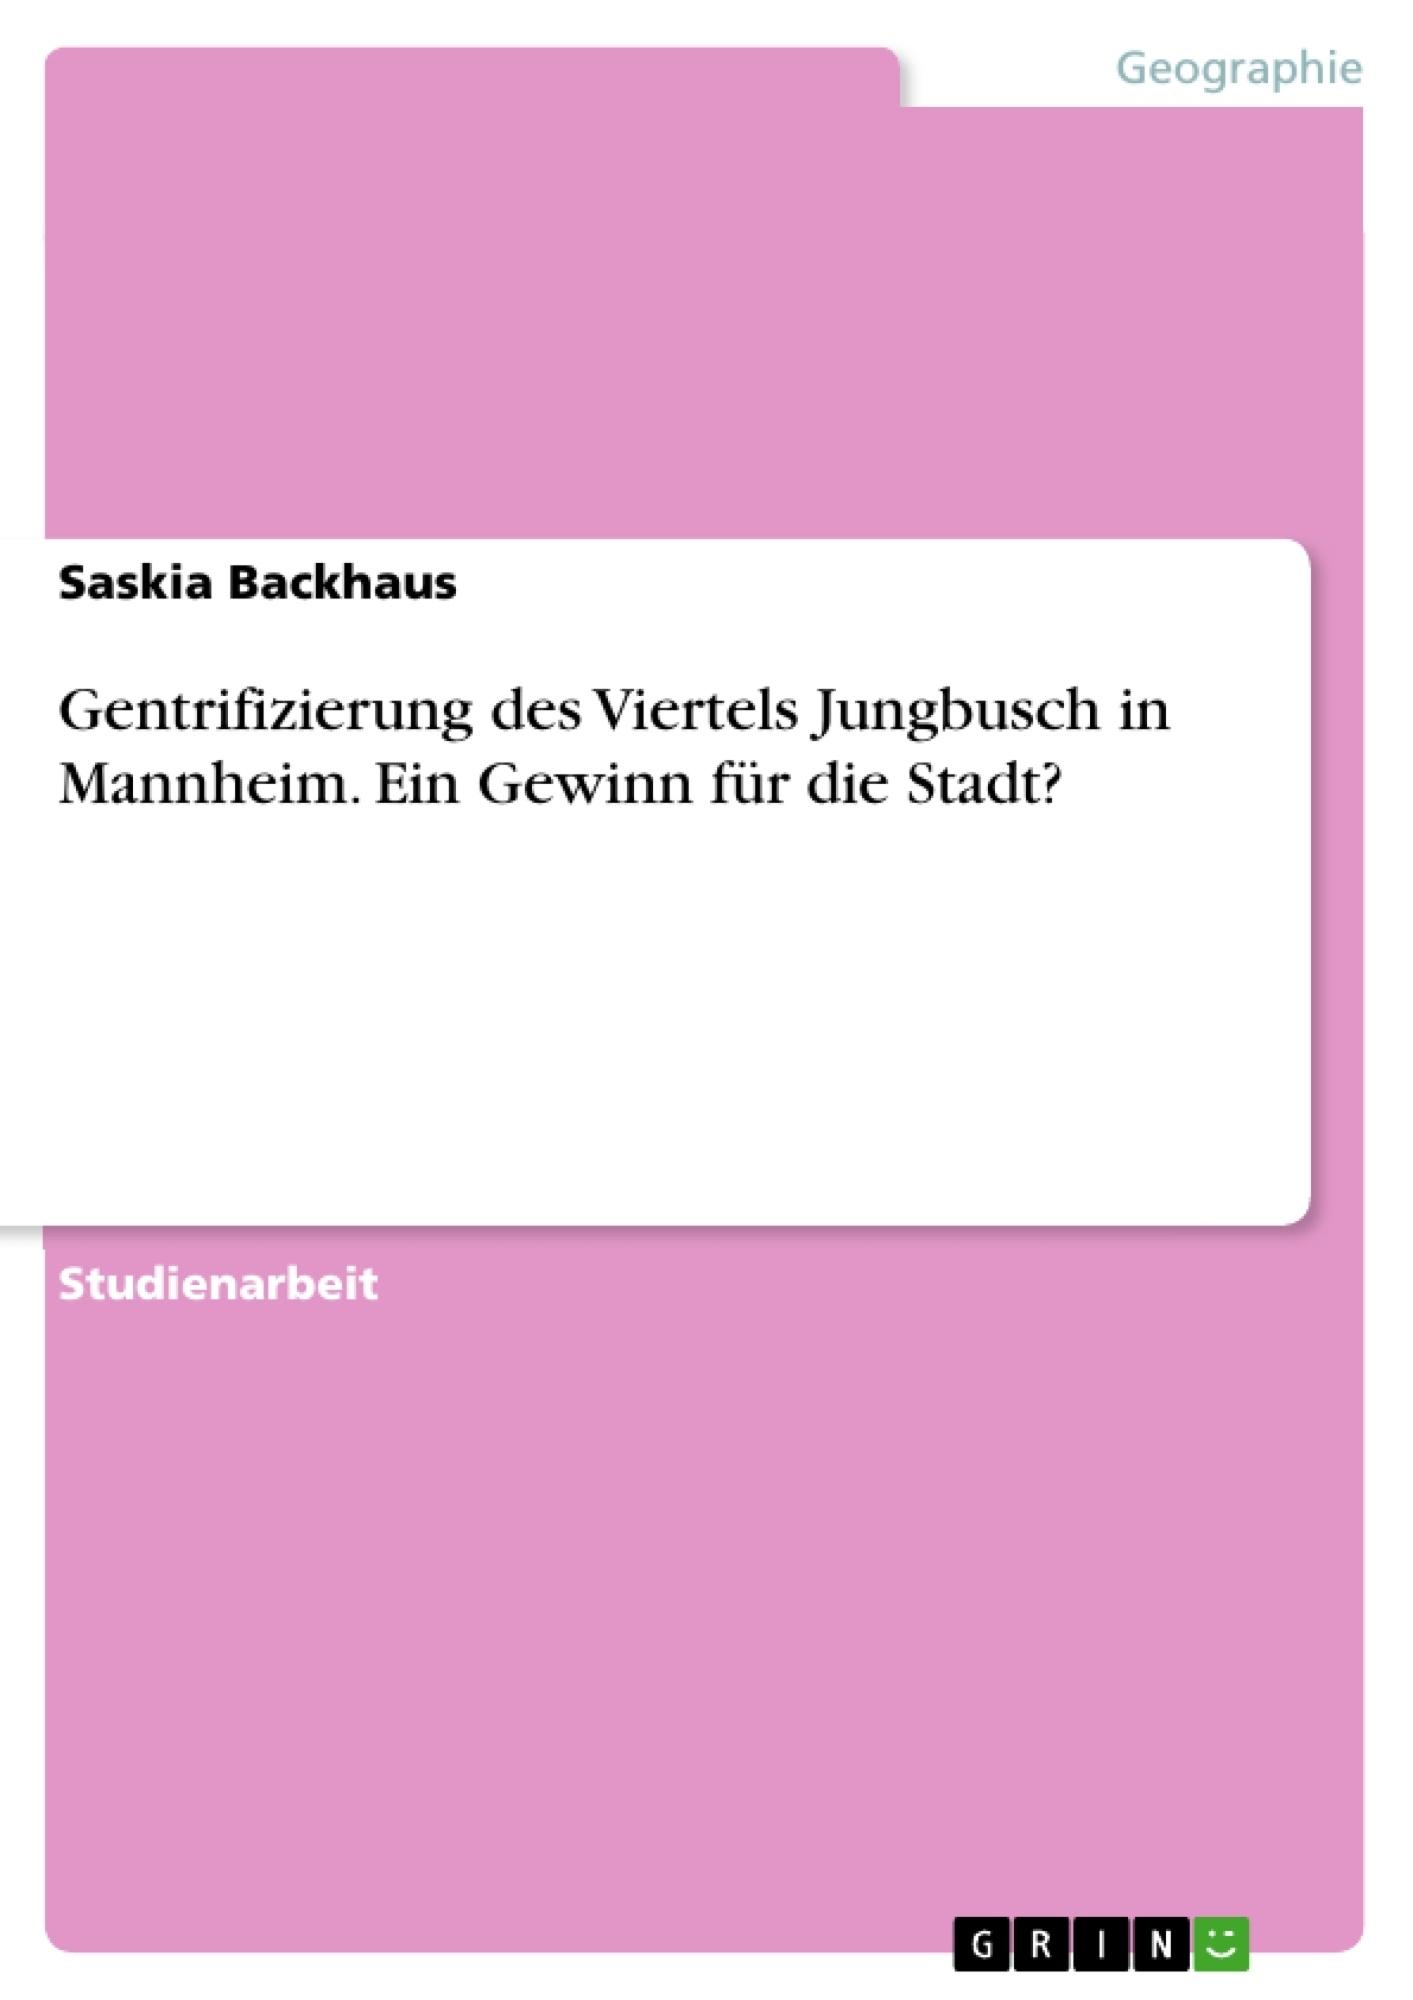 Titel: Gentrifizierung des Viertels Jungbusch in Mannheim. Ein Gewinn für die Stadt?